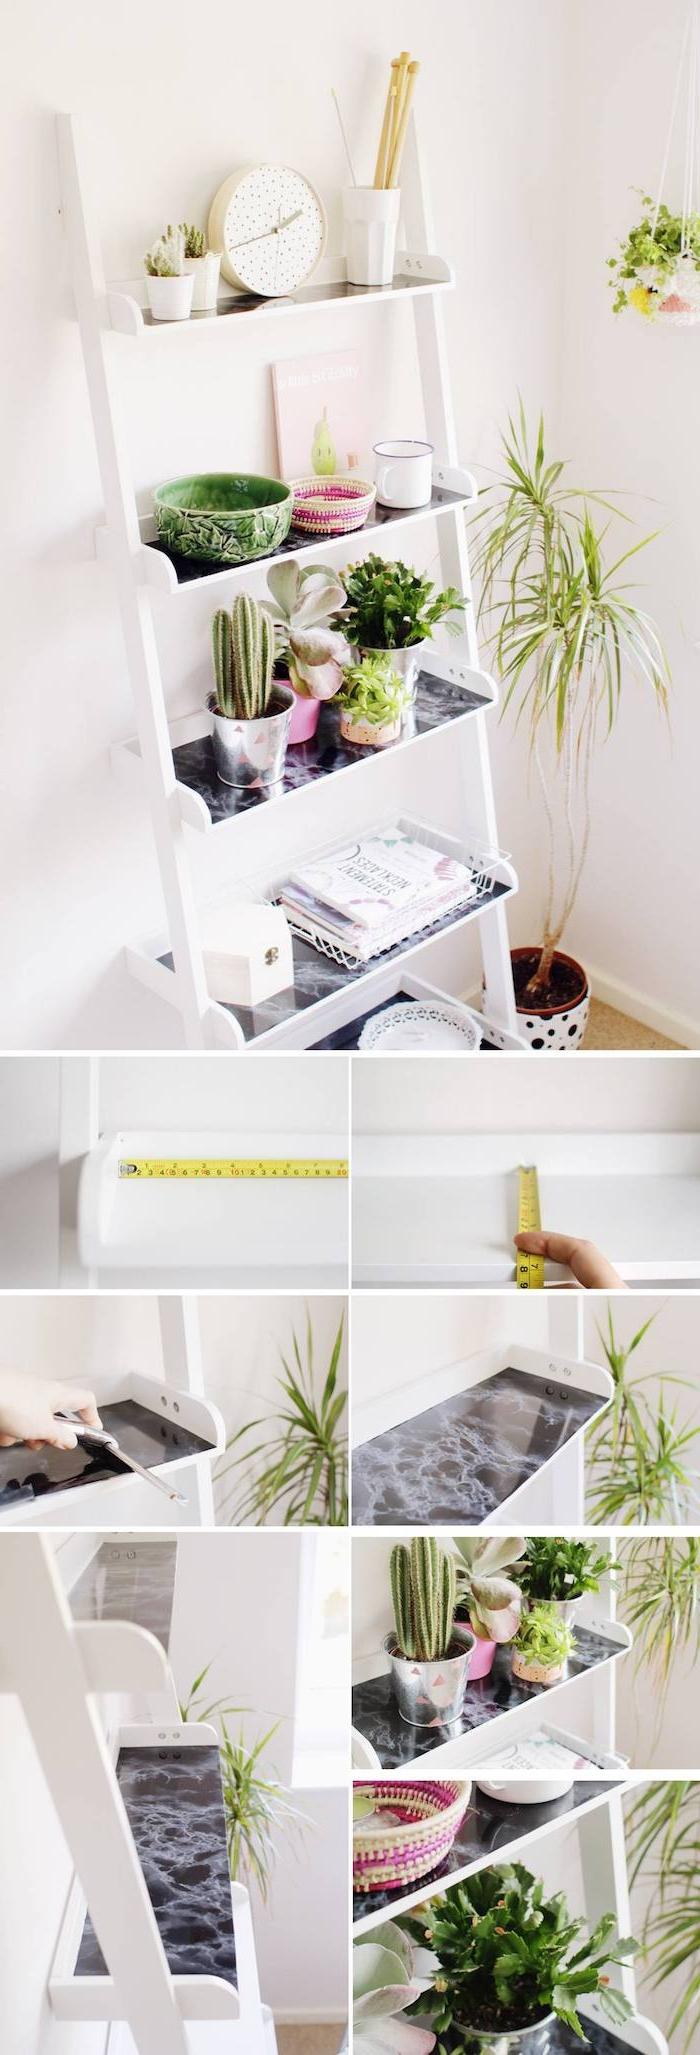 Fabriquer Une Étagère Pour Plantes ▷ 1001 + tutos et idées pour fabriquer ou customiser une